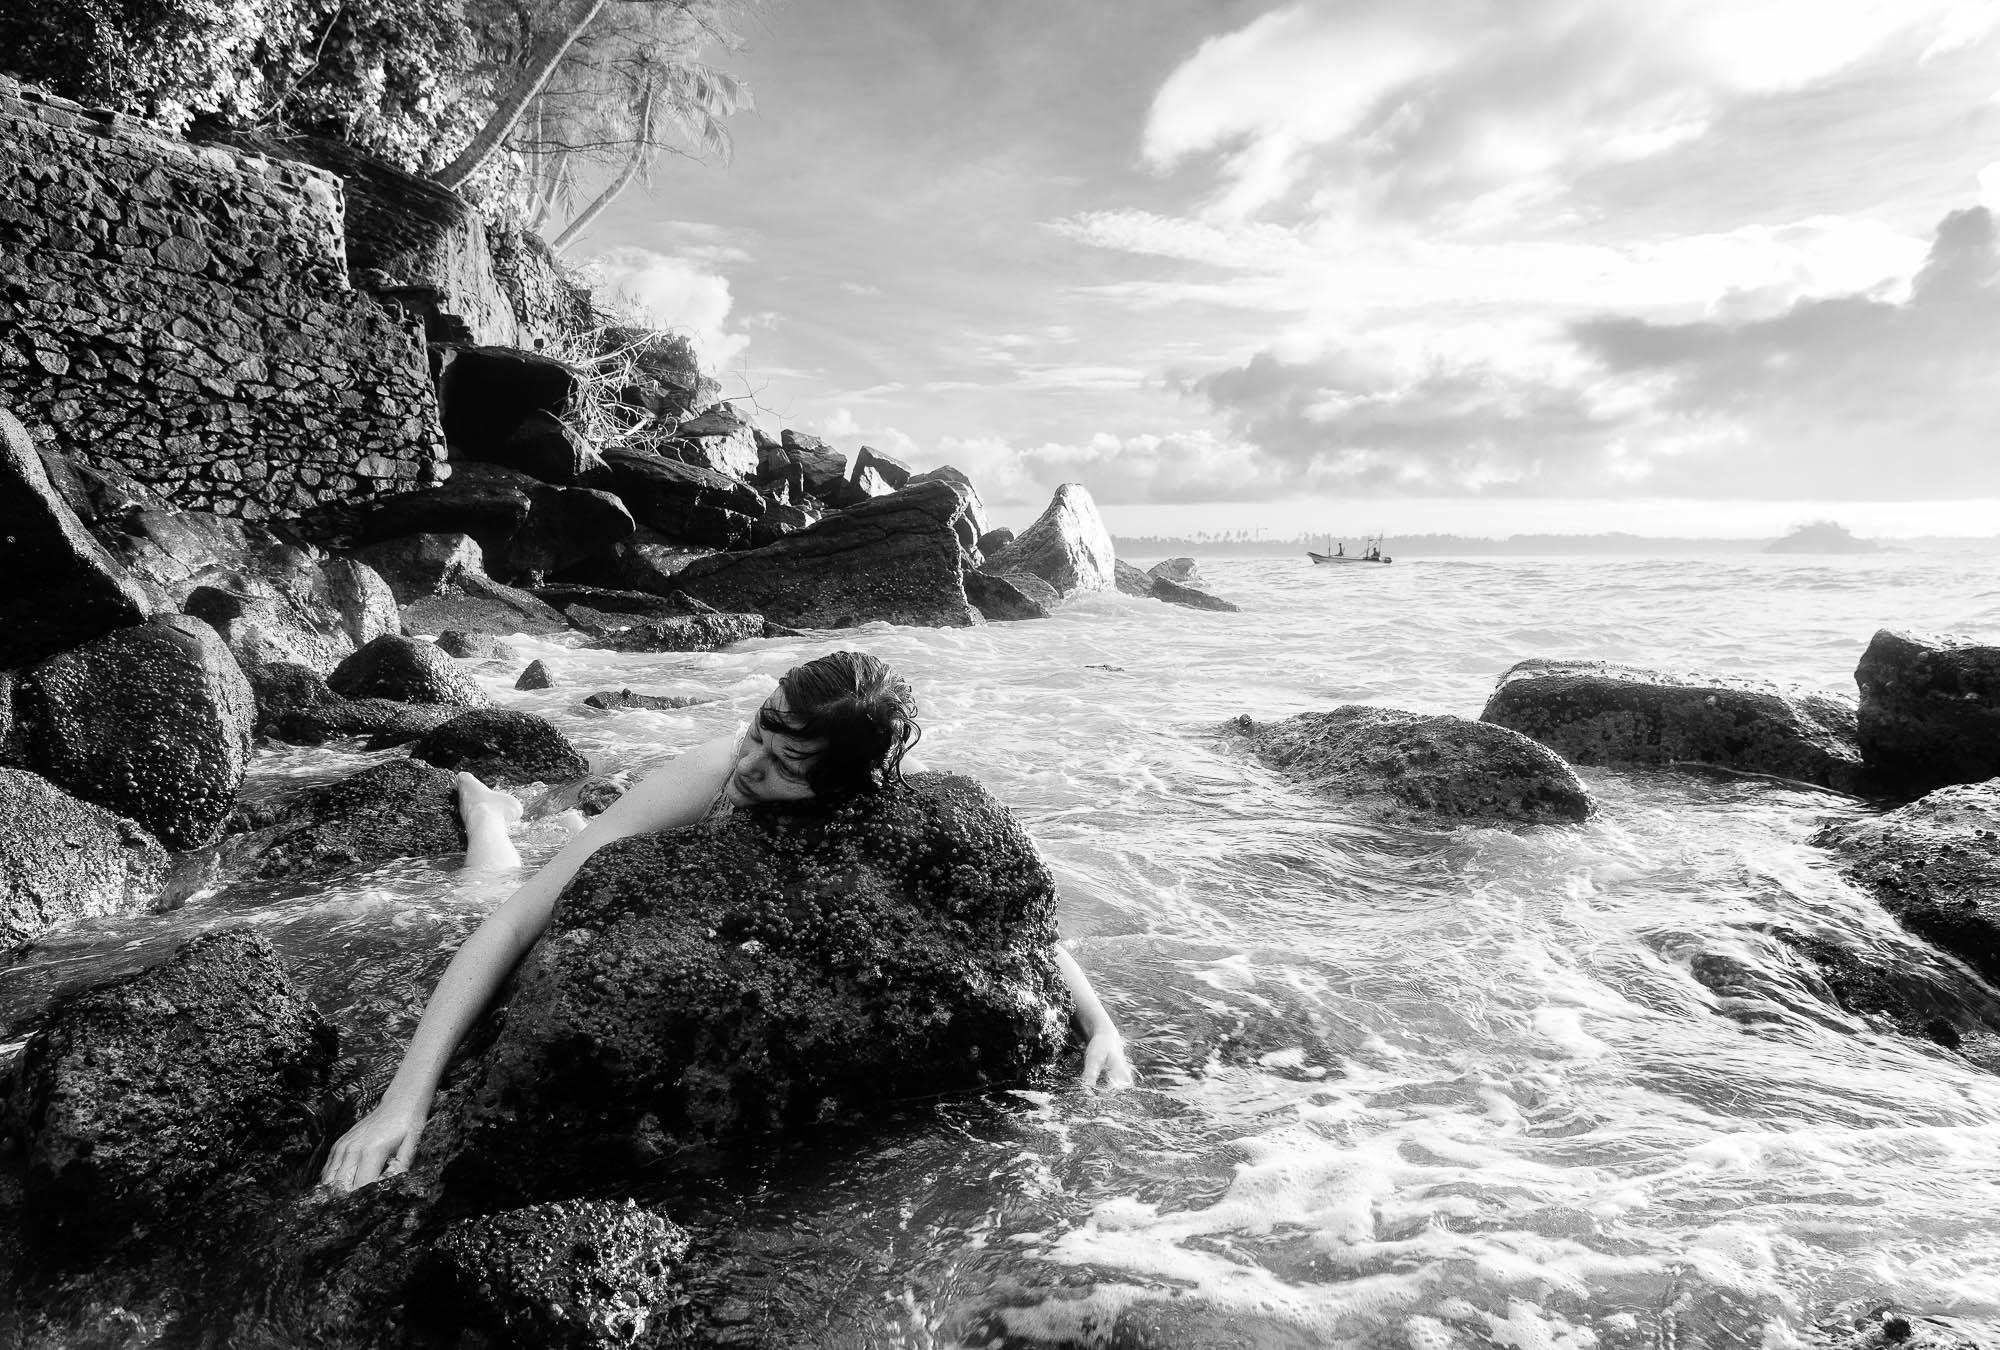 Dubai Photographer Duncan Chard- Dead on the rocks